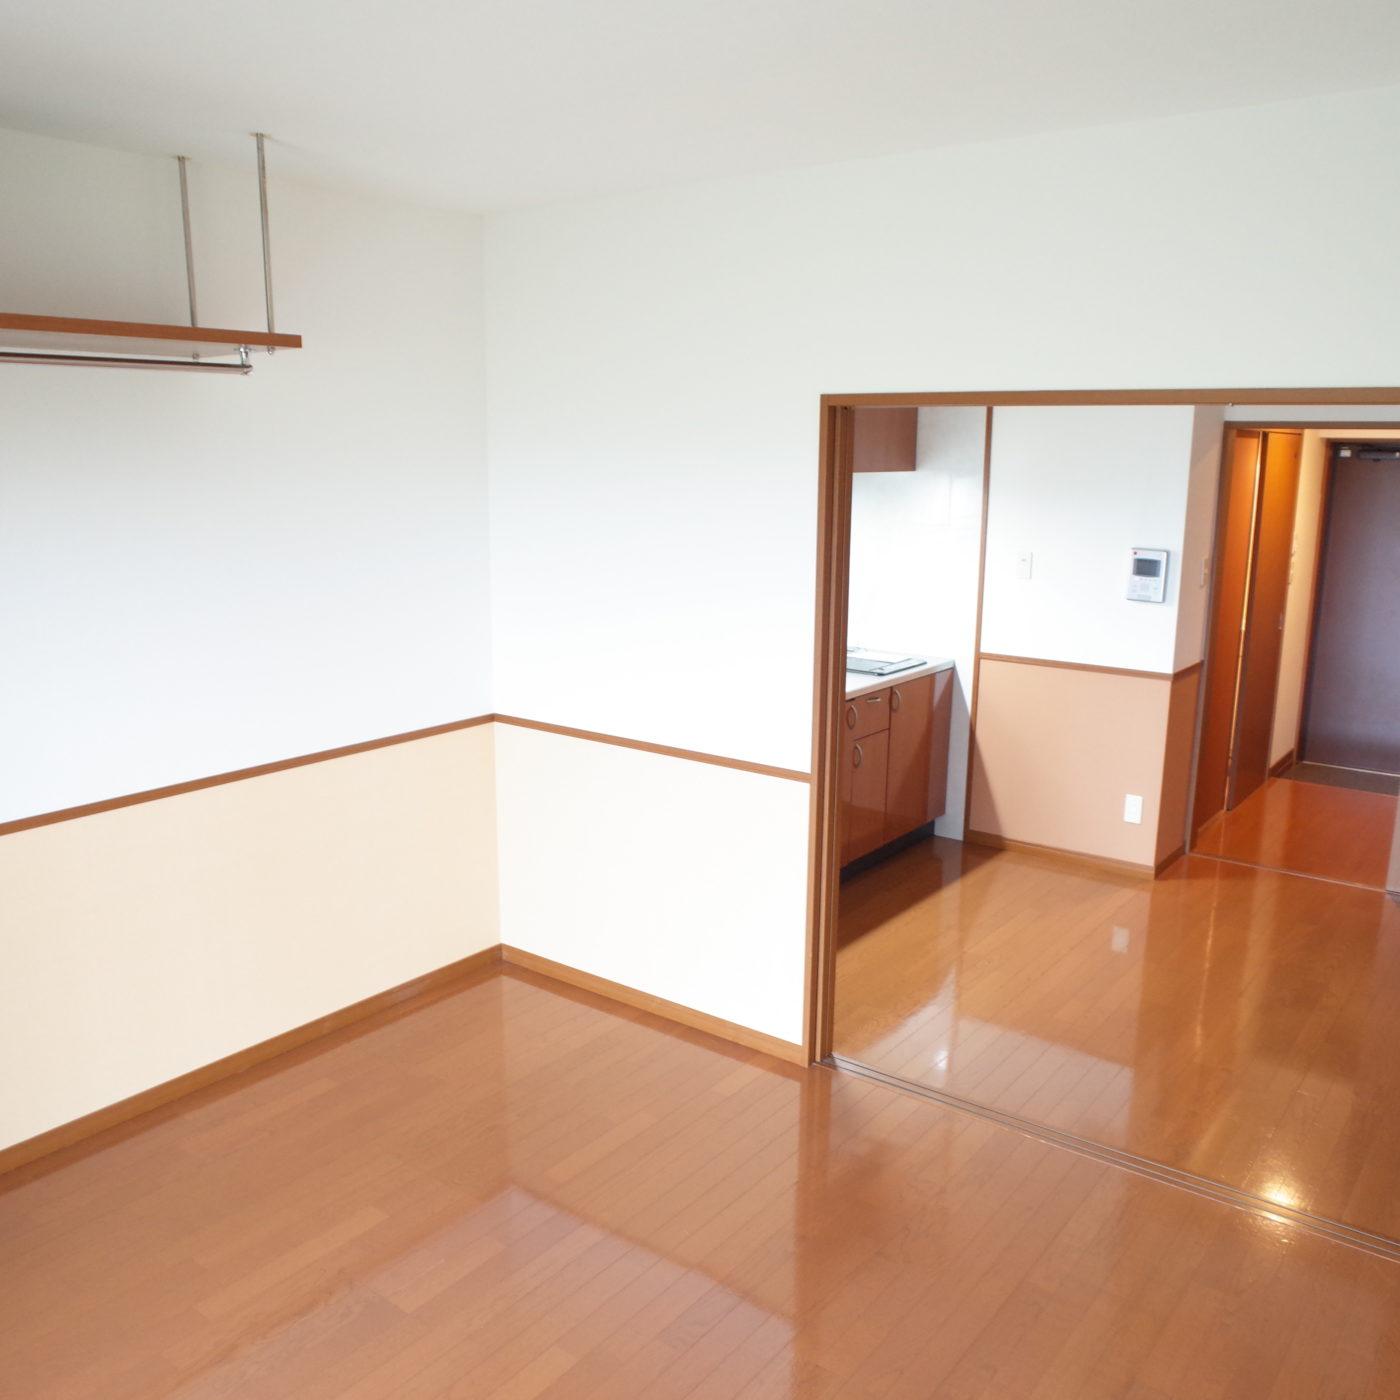 九州大学 伊都 アプリカード 一人暮らし 居室